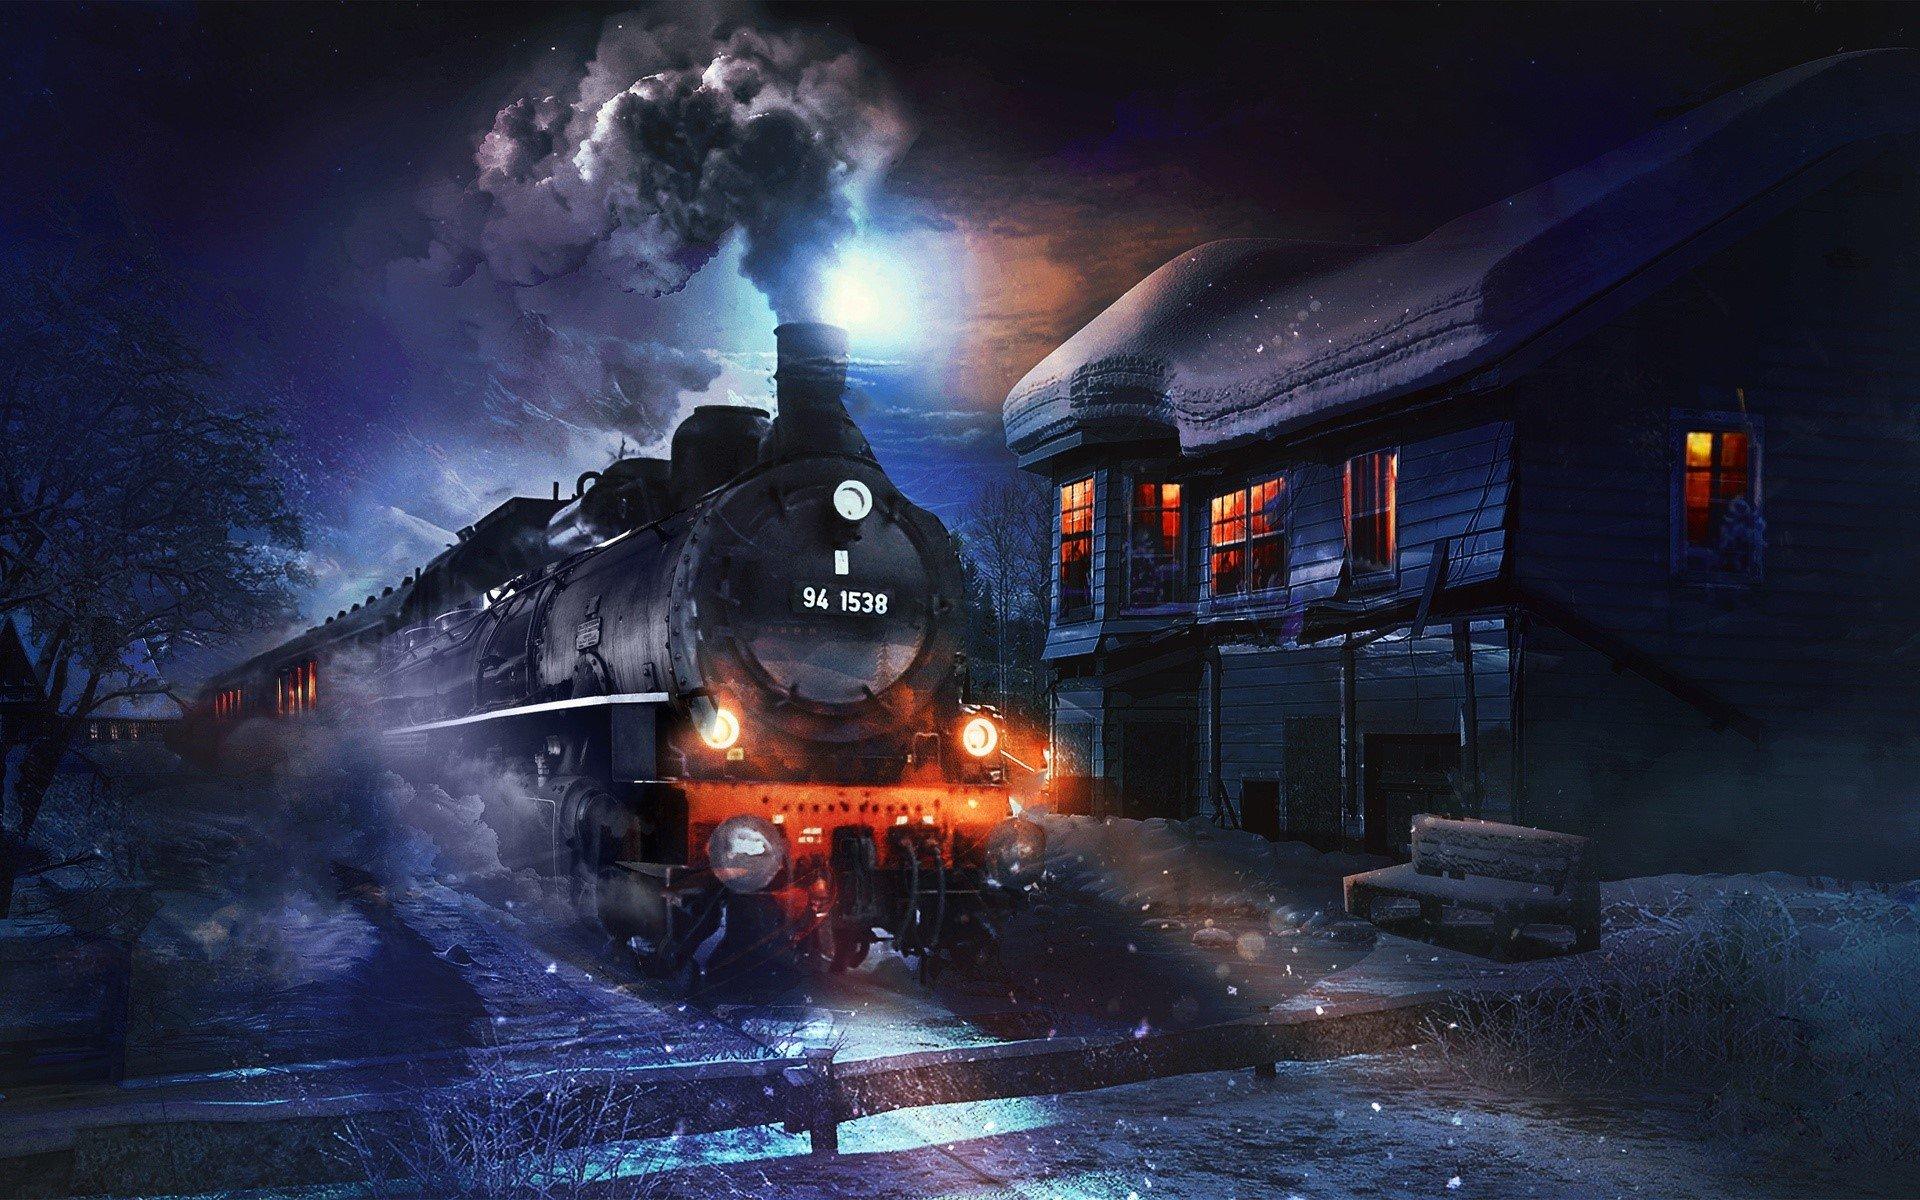 Wallpaper Coal train